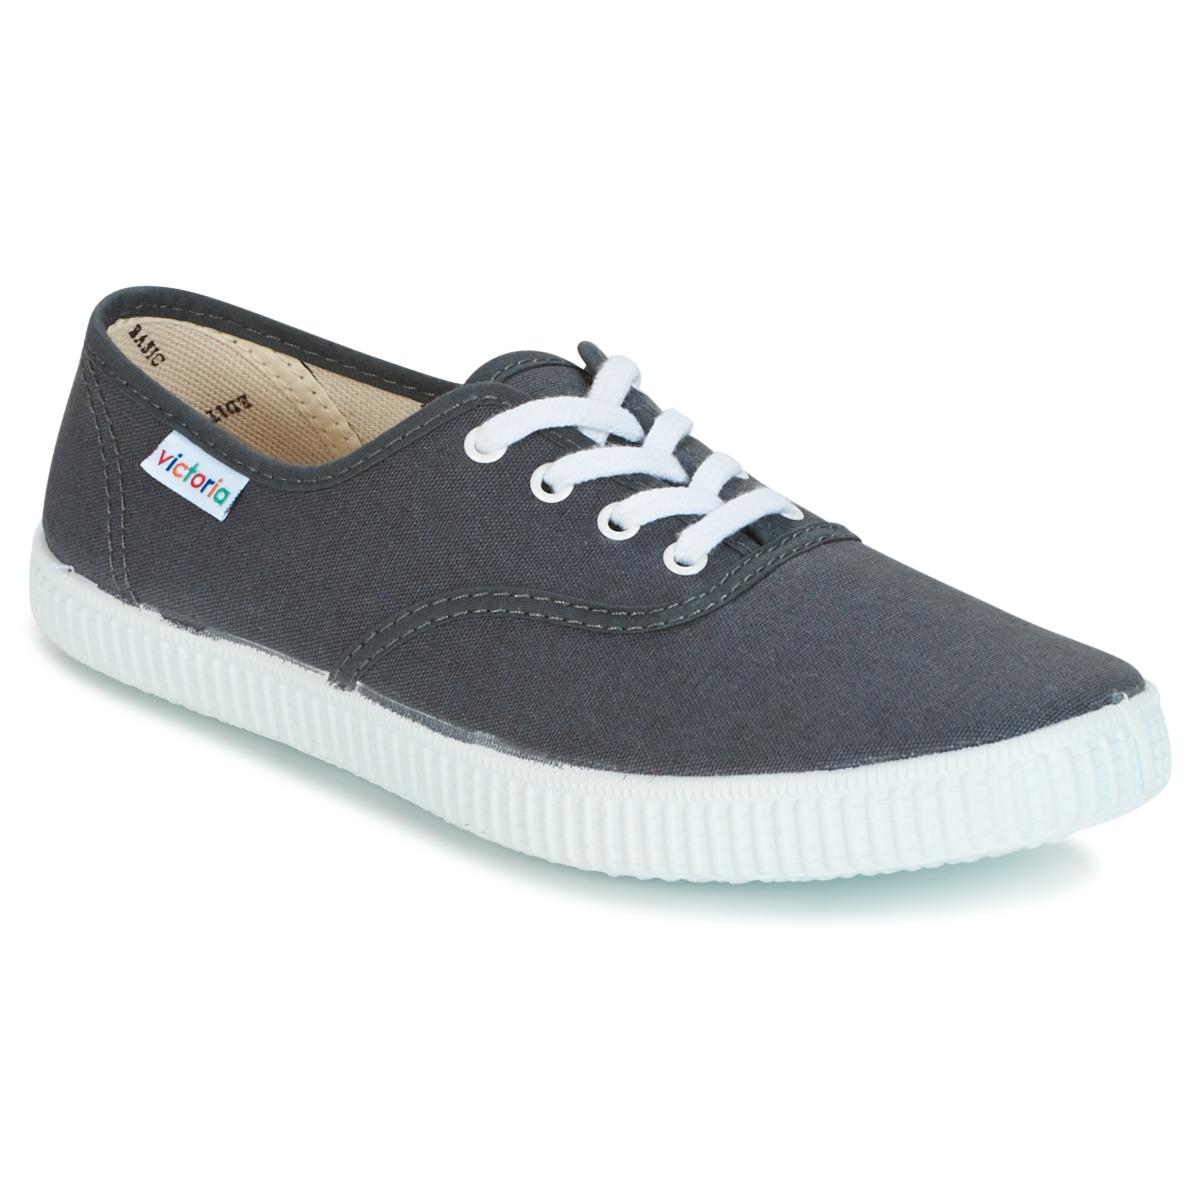 Victoria INGLESA LONA Anthrazit - Kostenloser Versand bei Spartoode ! - Schuhe Sneaker Low  23,20 €